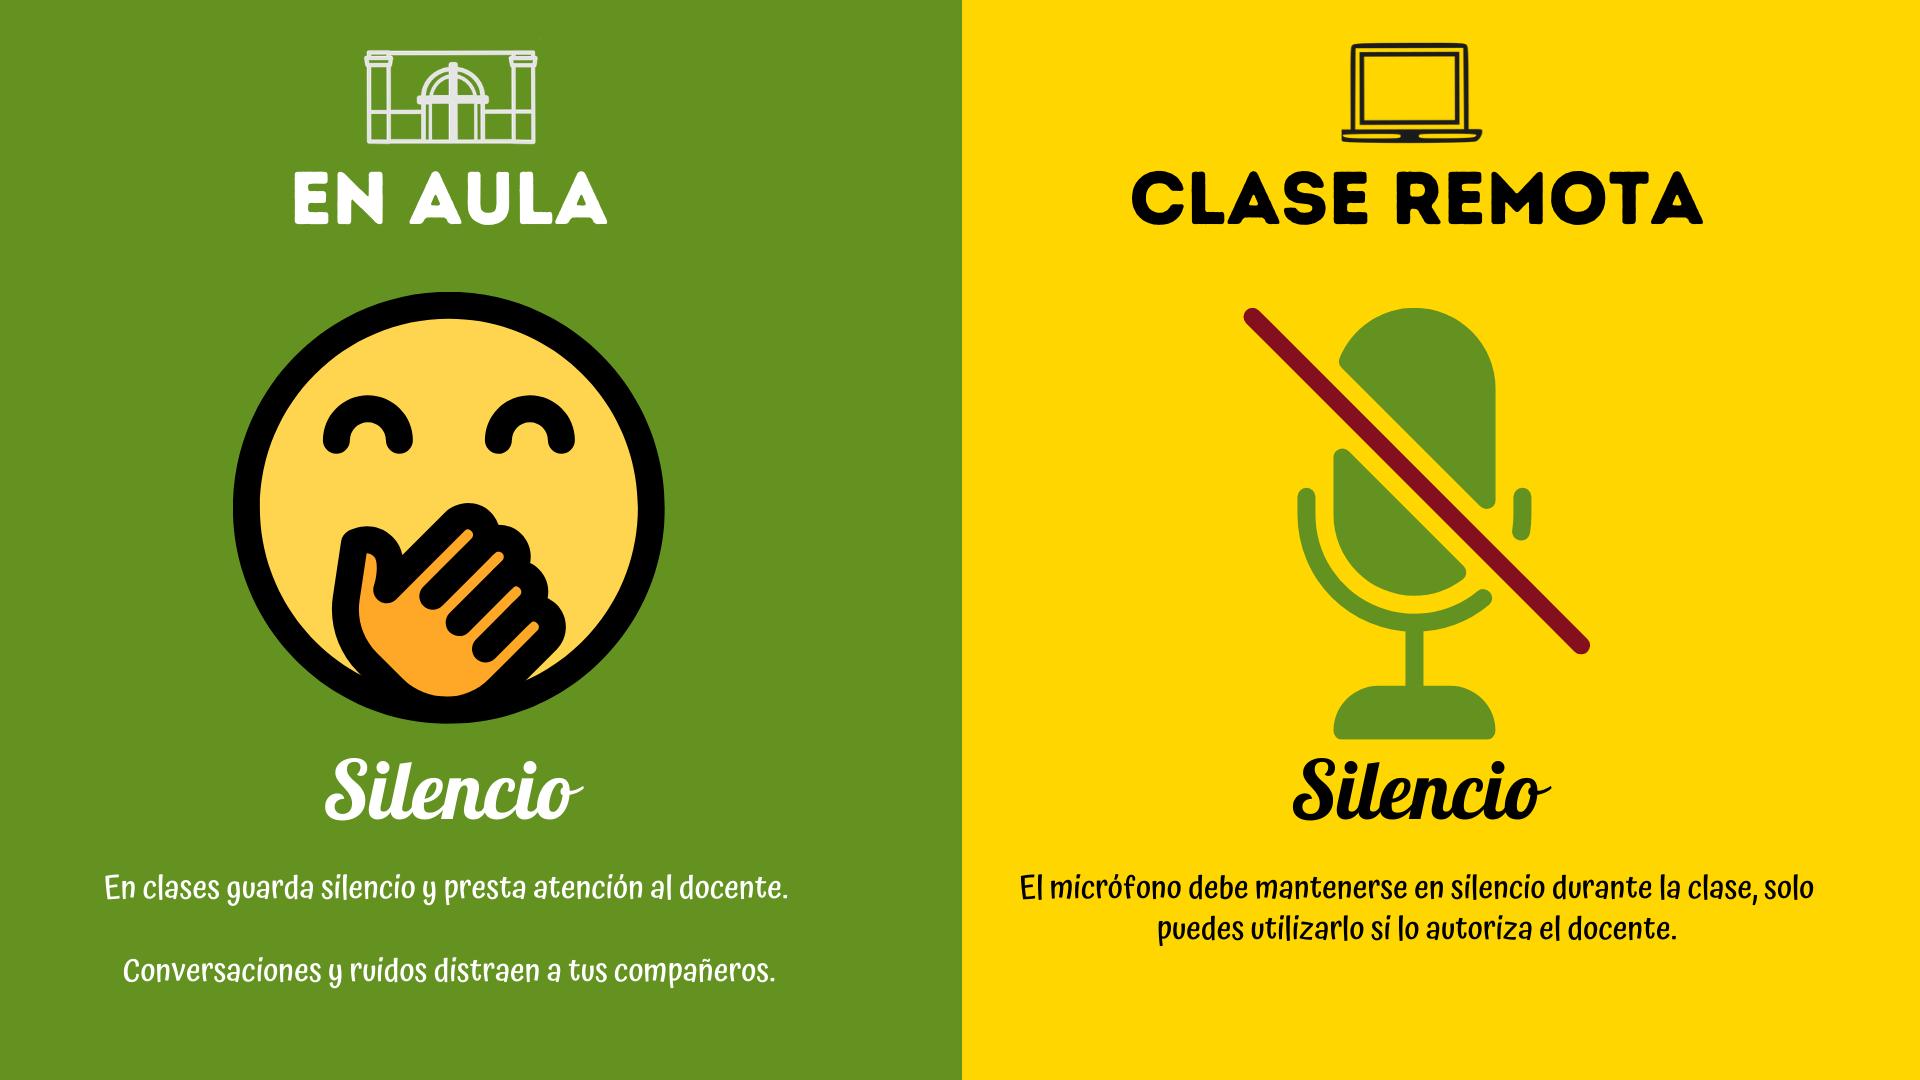 SIMILITUDES DEL AULA Y LA CLASE REMOTA